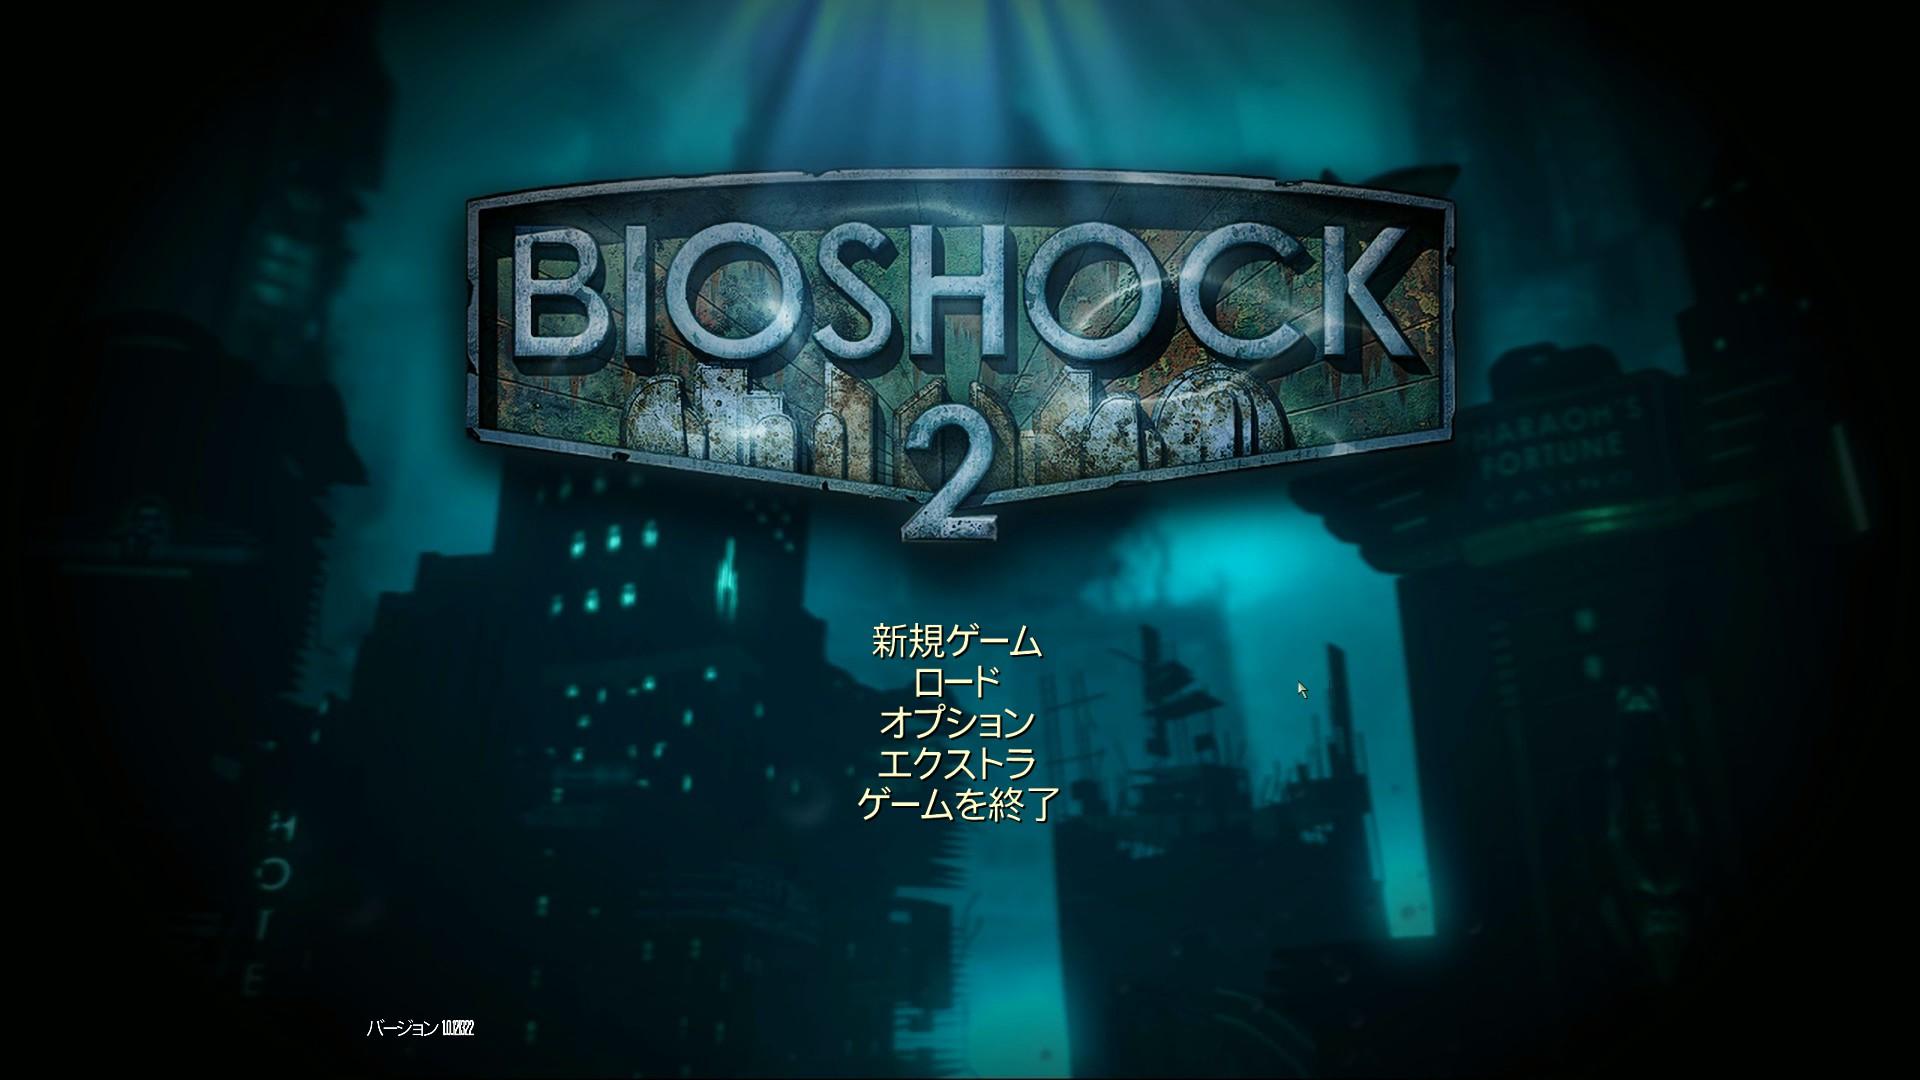 bioshock2_01.jpg